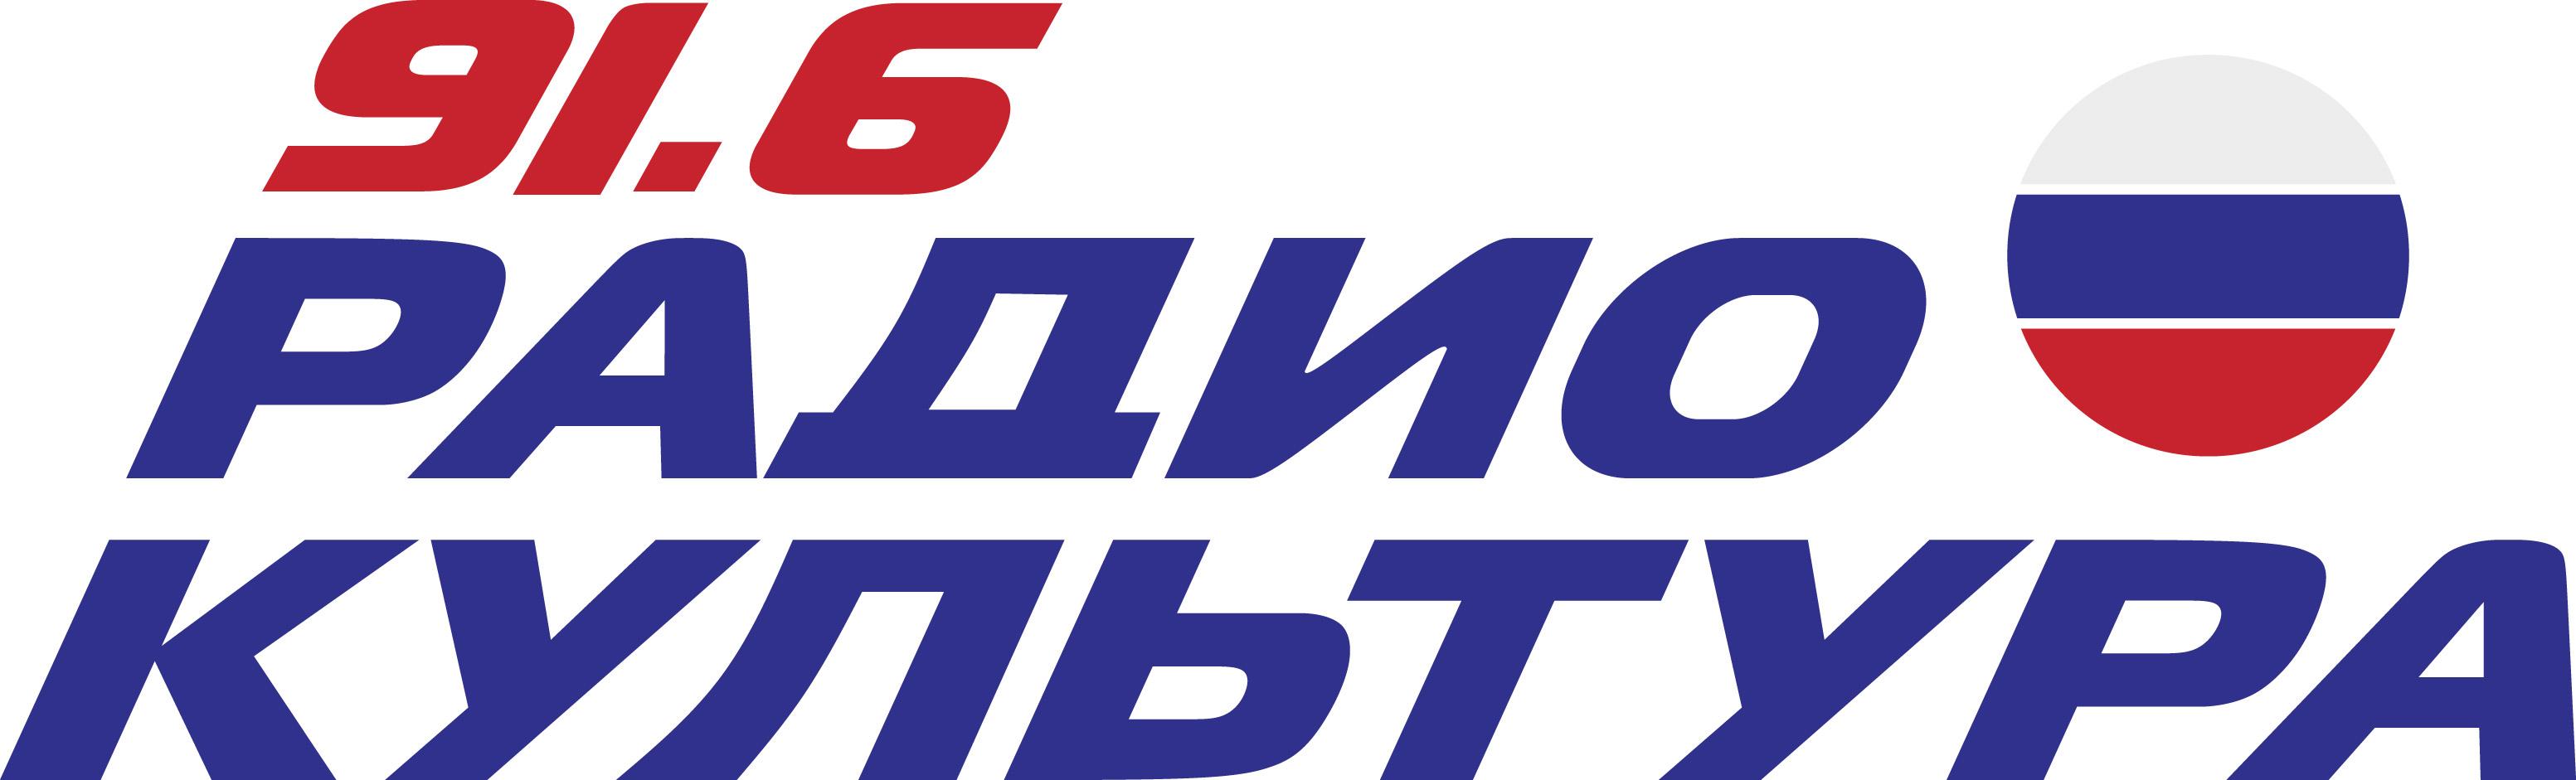 Радио Культура 91.6